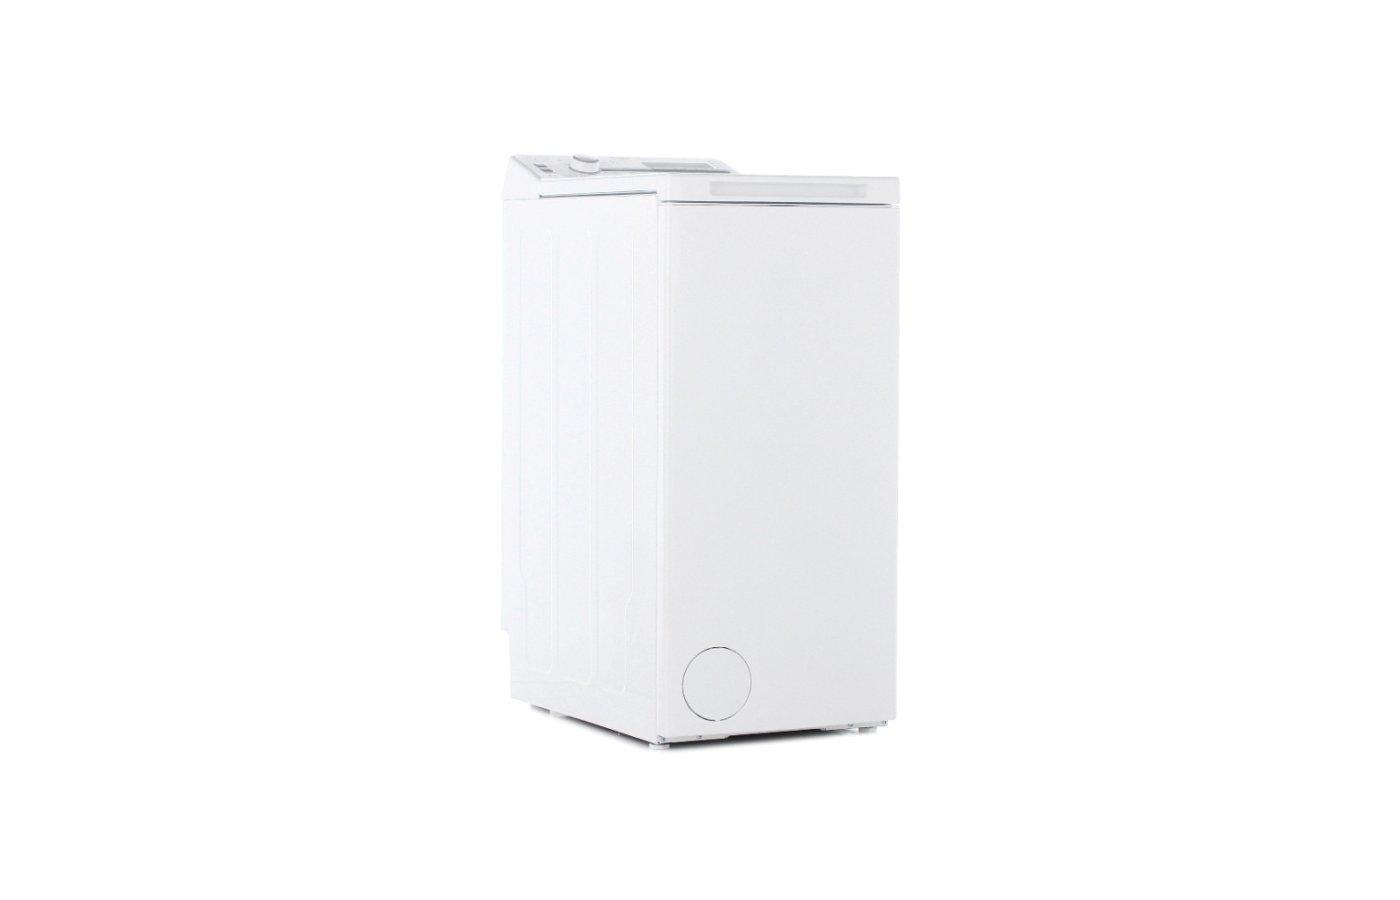 стиральная машина whirlpool tdlr 60810 инструкция видео